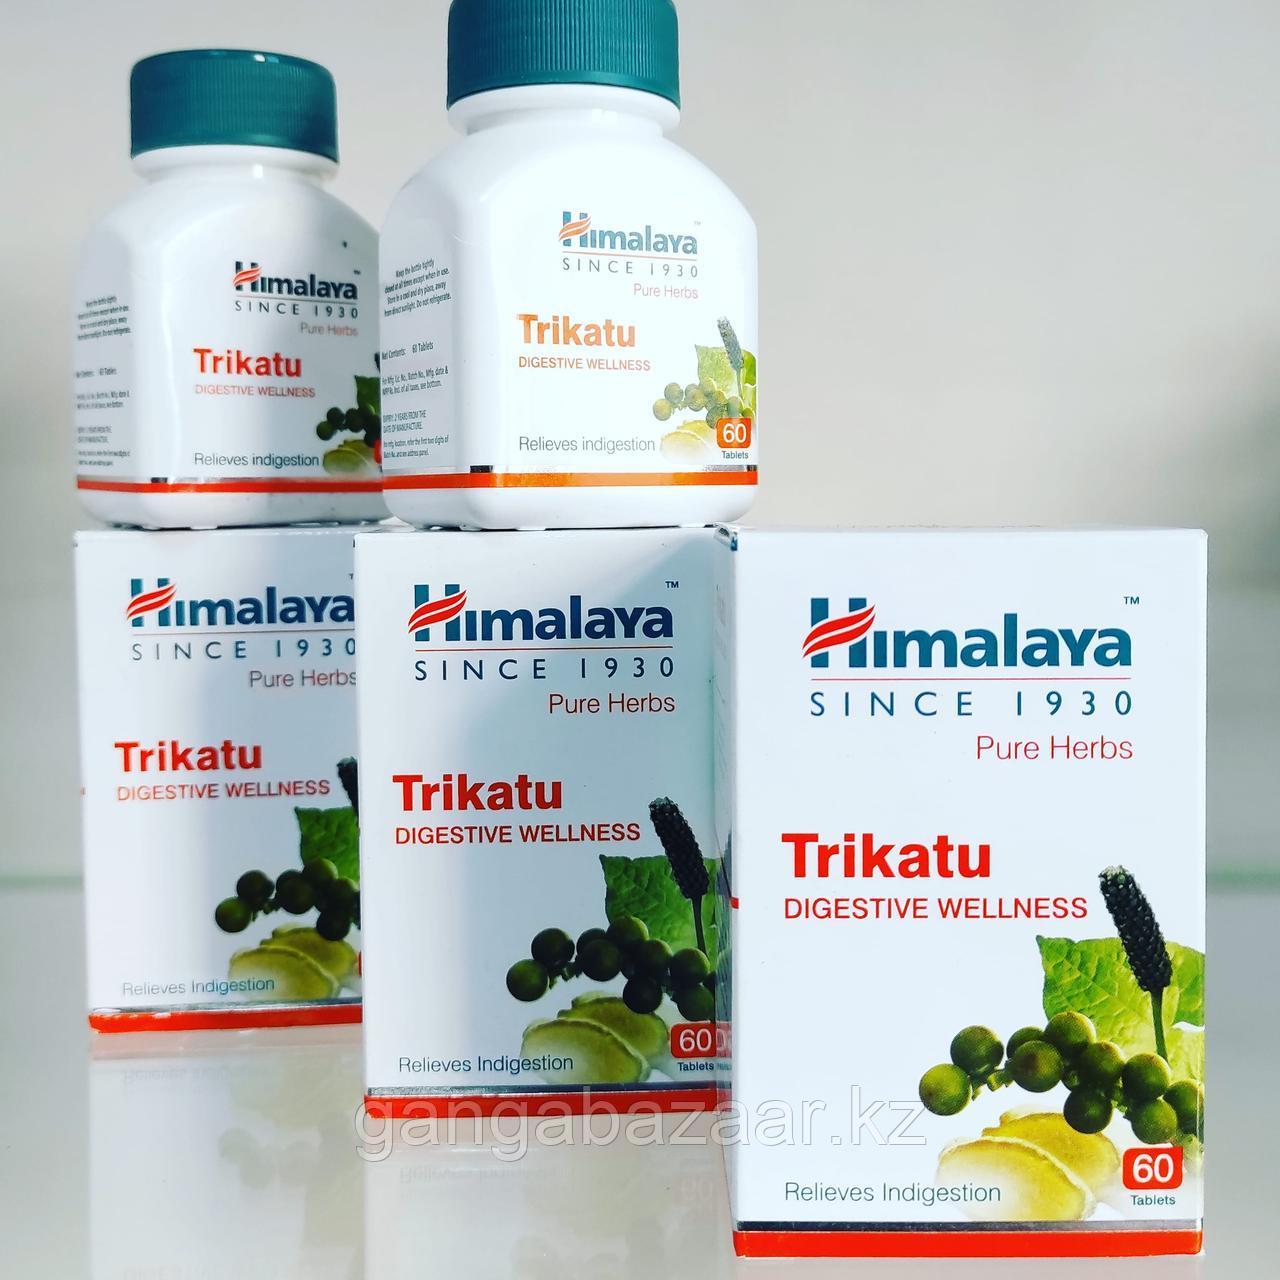 Трикату (Trikatu, Himalaya) - улучшает пищеварение, очищает организм шлаков и токсинов, оздоравливает, 60 таб